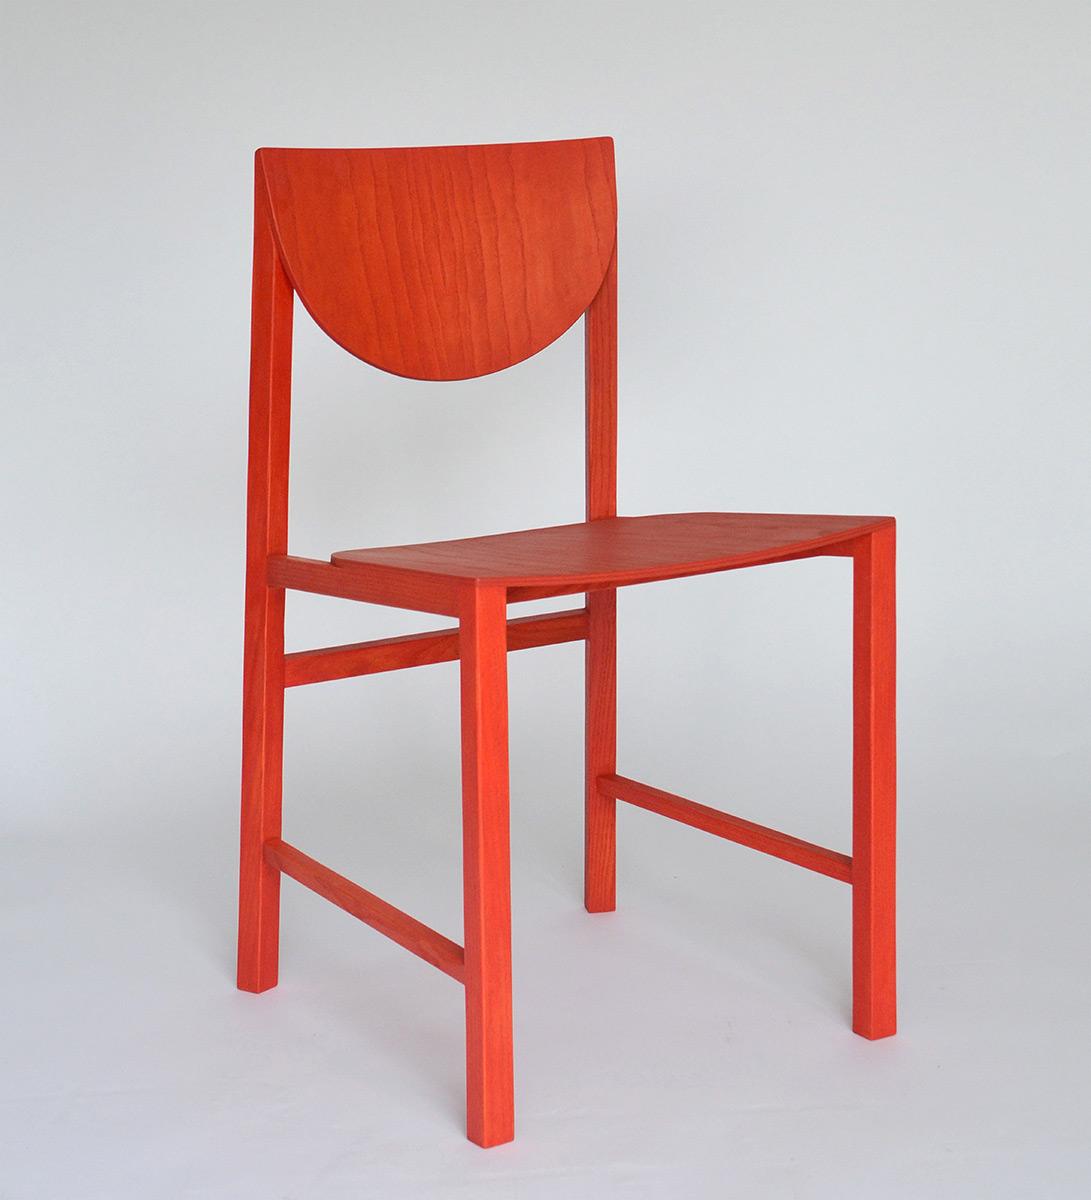 UU-Chair-Mette-Schelde-0